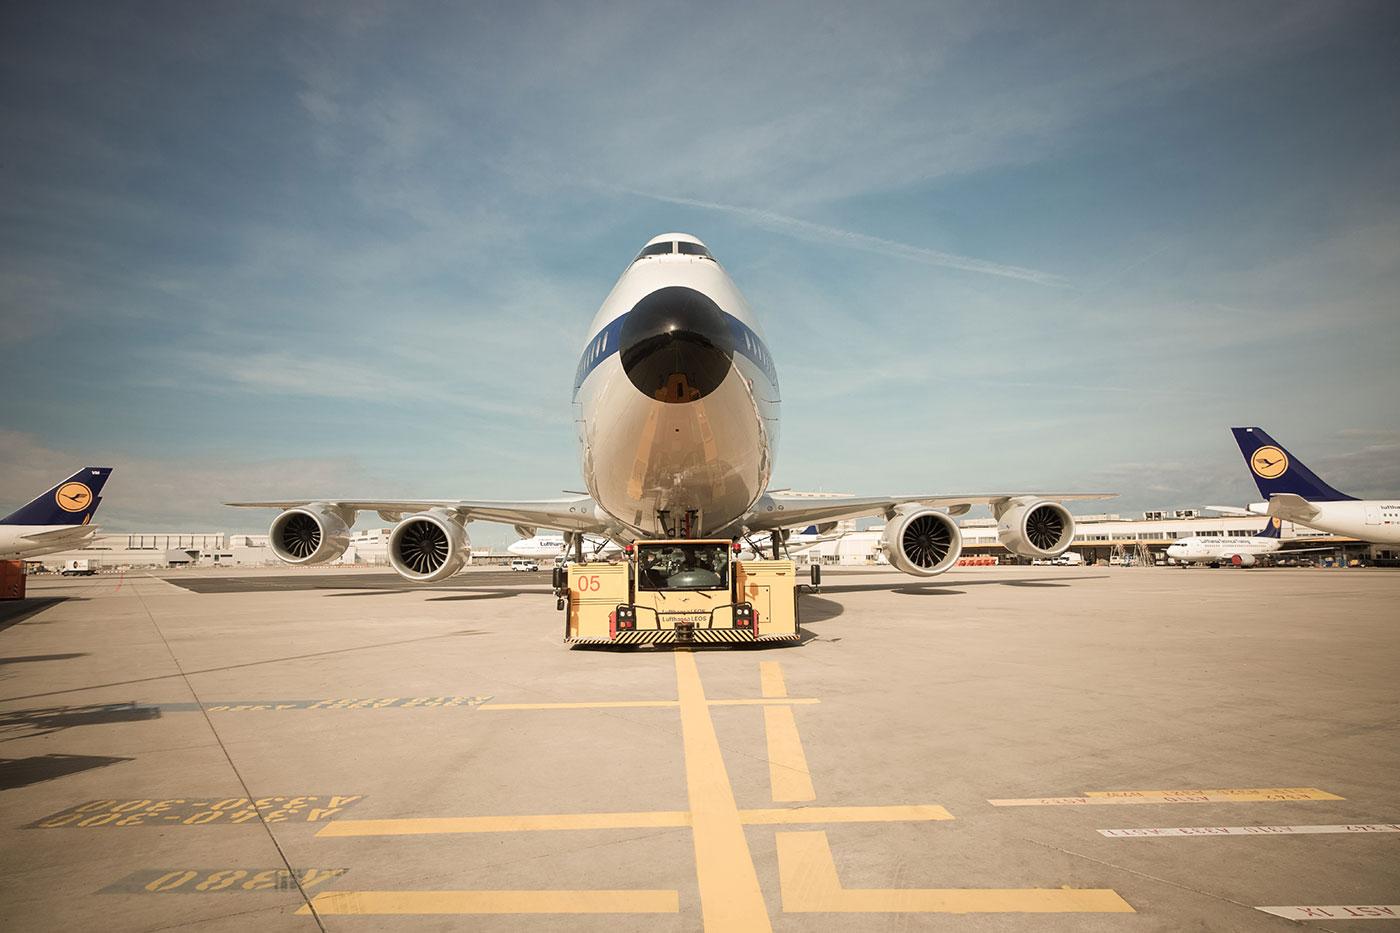 Dans les vols à l'intérieur de l'Europe, de premiers avions vont autoriser les connexions Internet